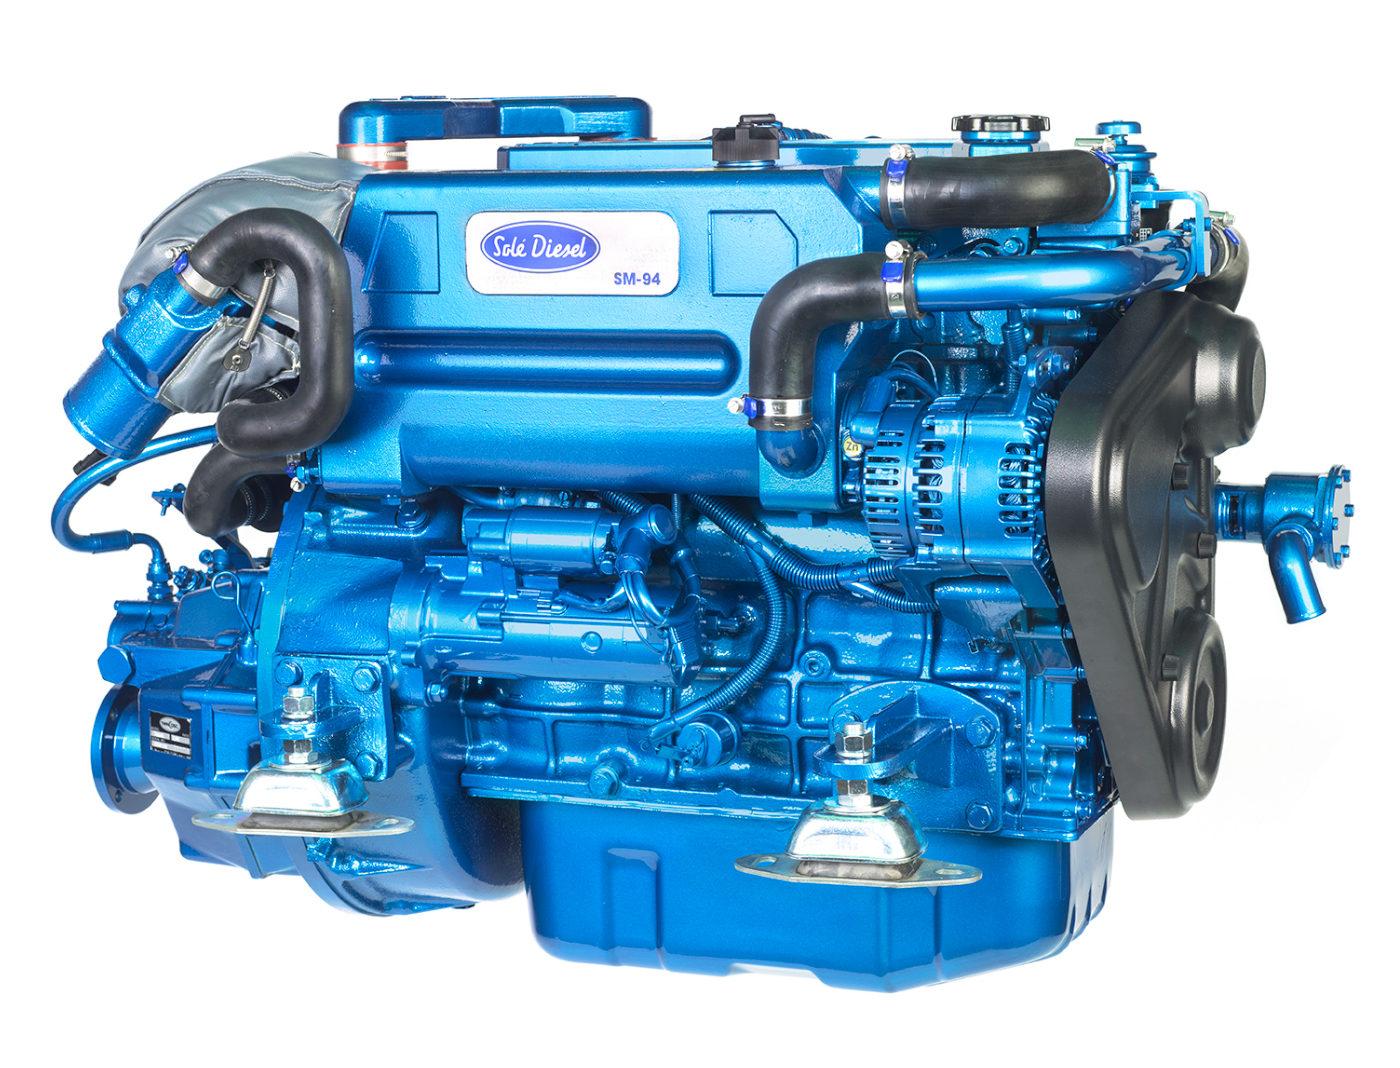 Solé Diesel SM-94